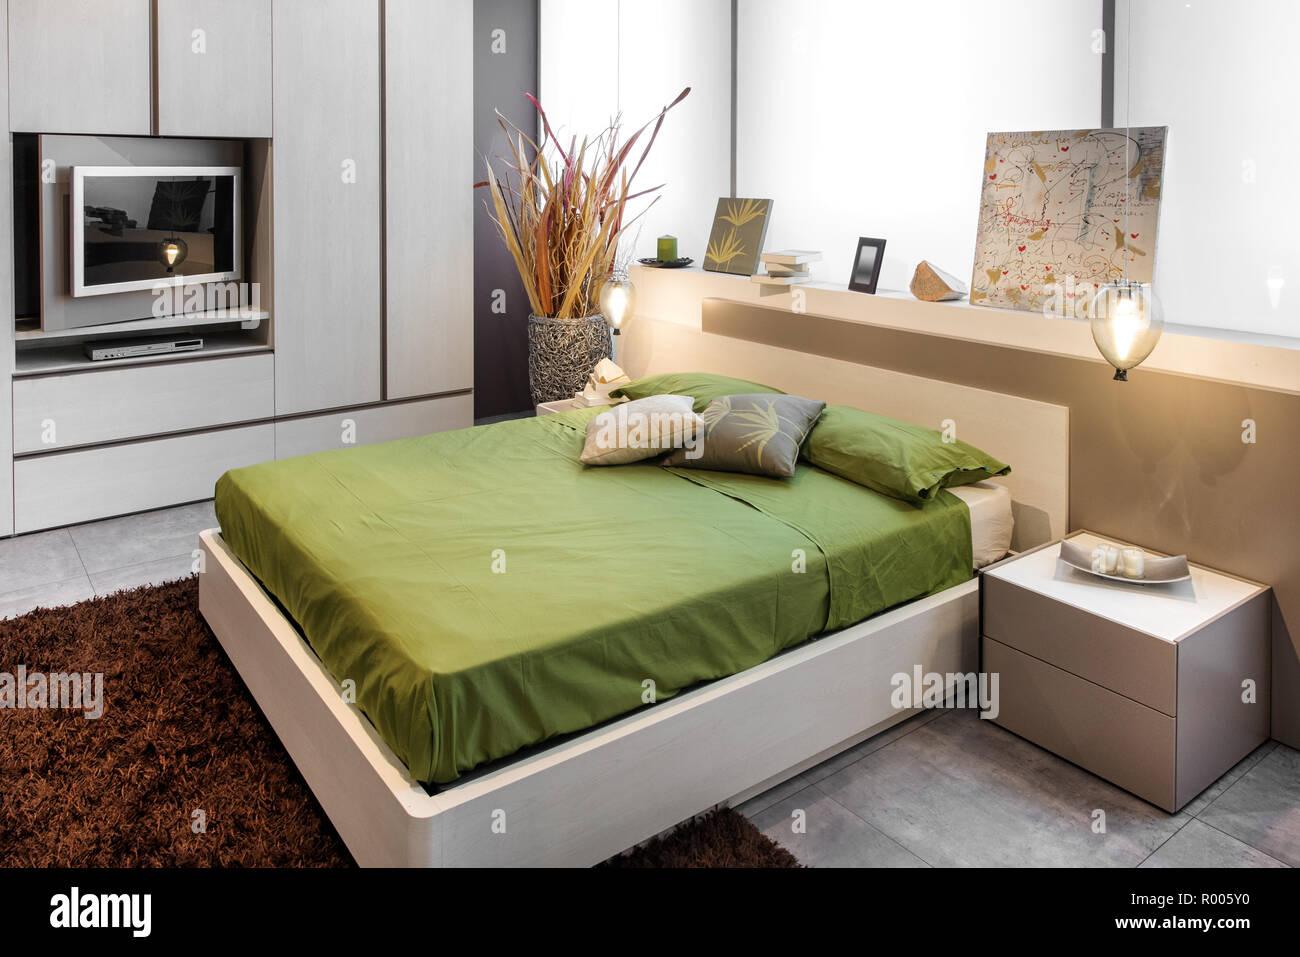 Chambre à coucher moderne avec lit double avec linge de lit vert et marron tapis au sol Photo Stock